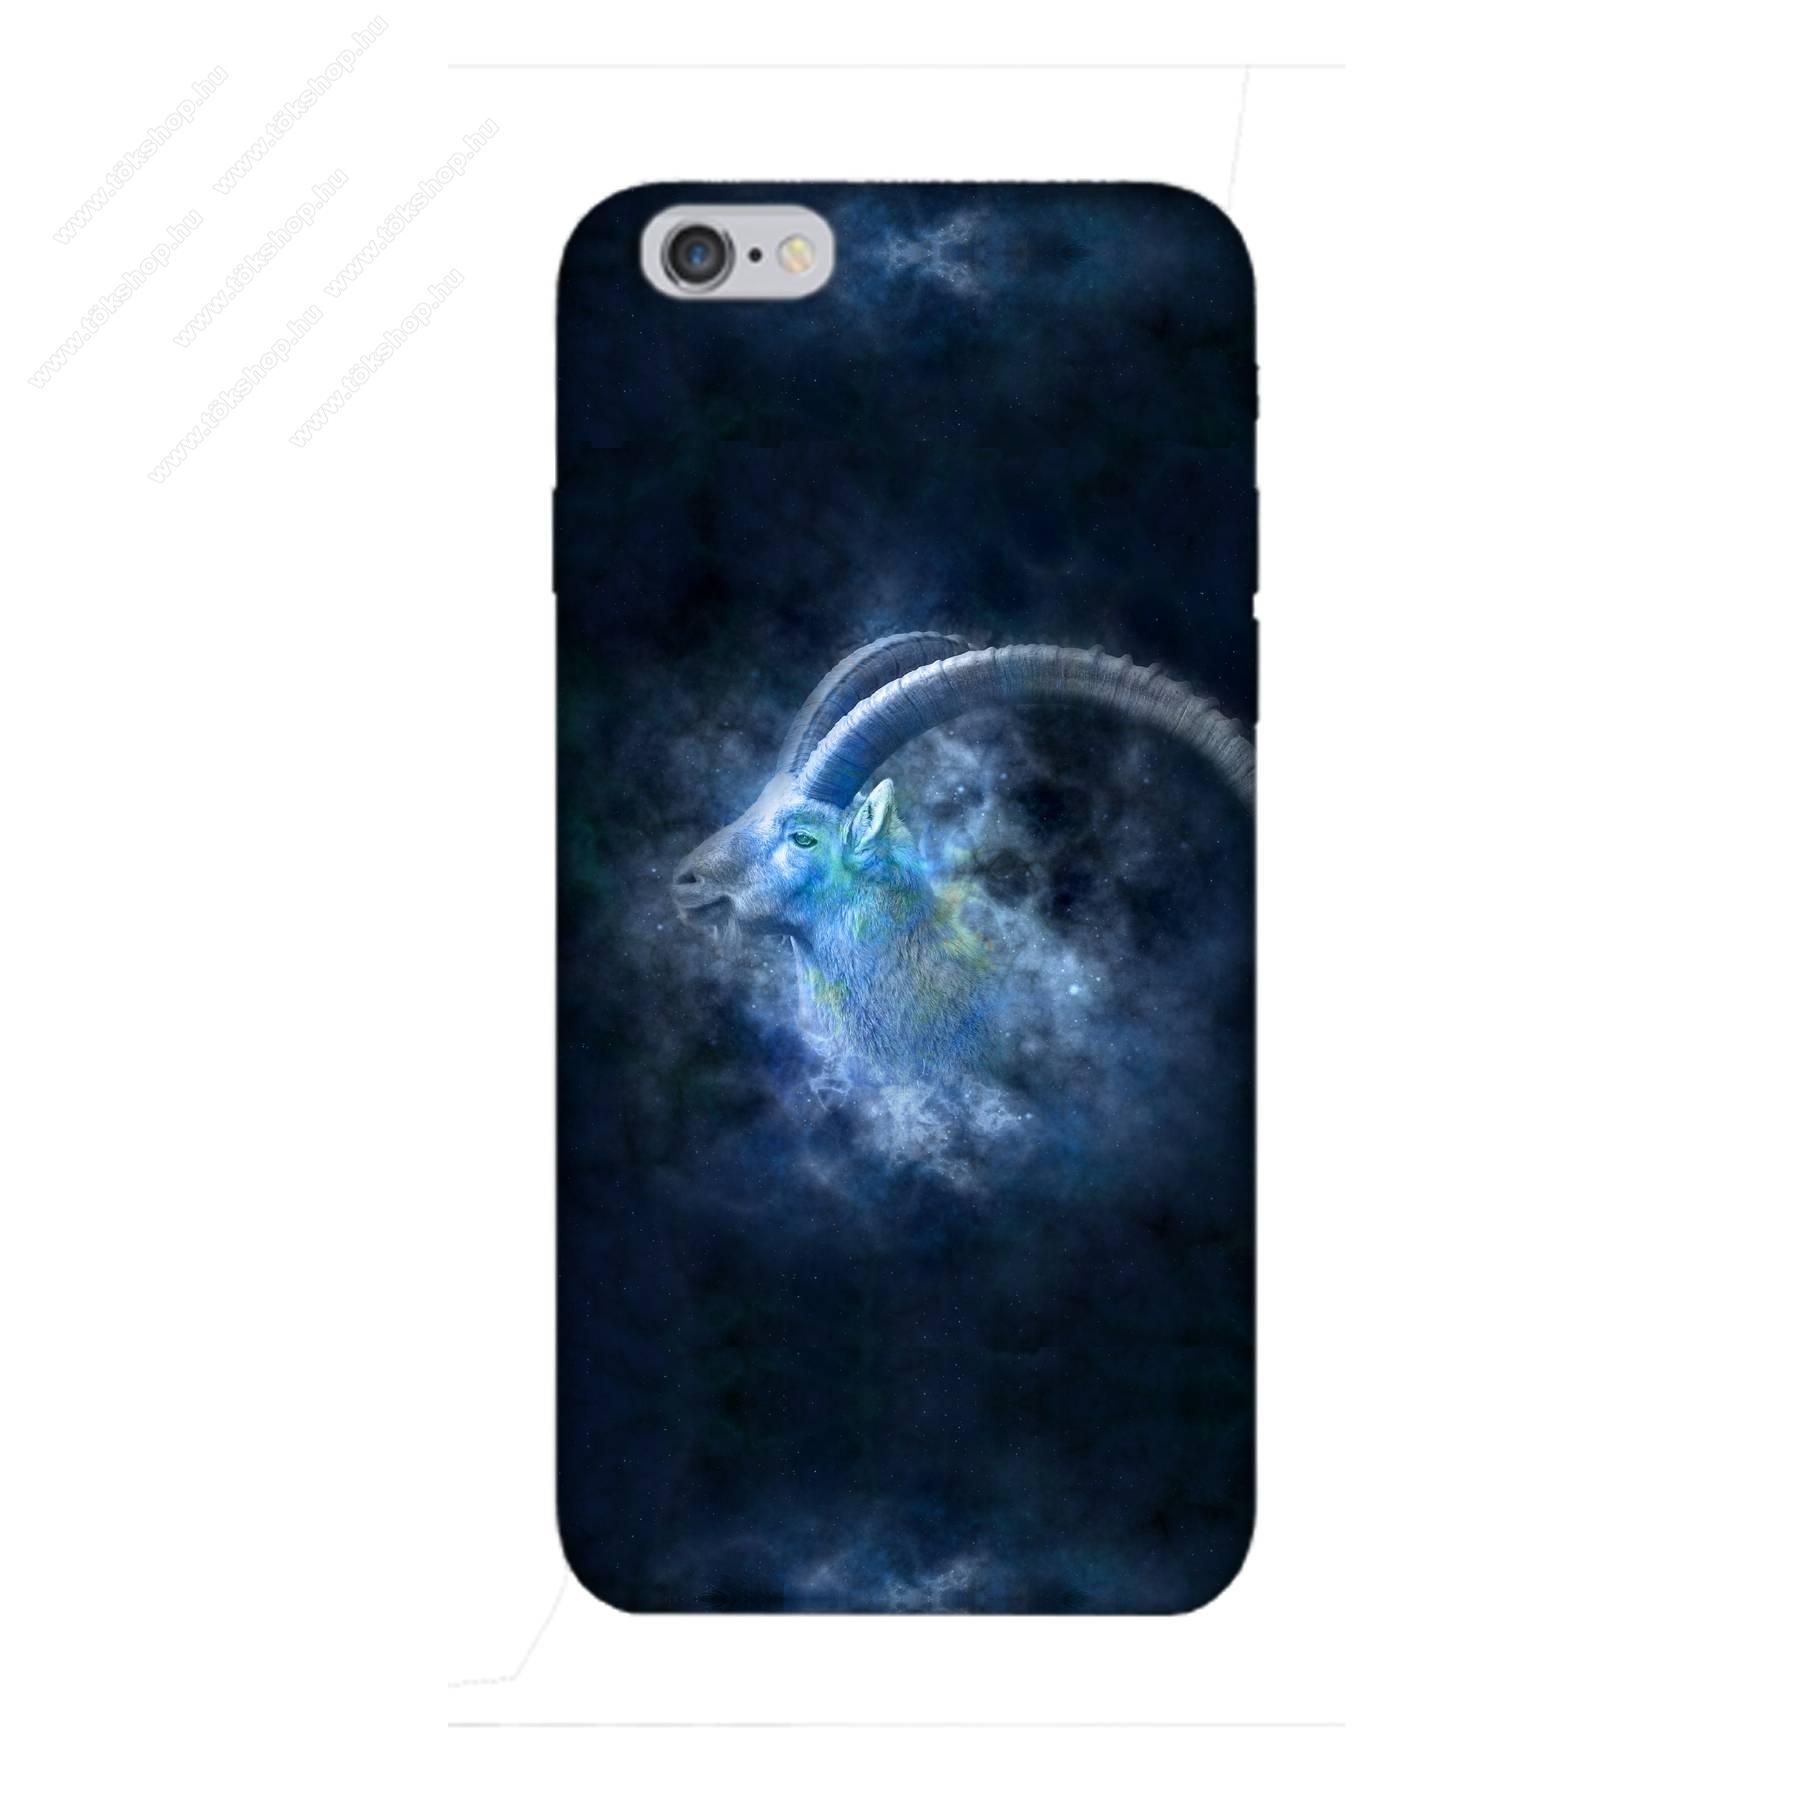 E-pic szilikon védő tok / hátlap - Horoszkóp, Bak mintás - APPLE iPhone 6 Plus / APPLE iPhone 6s Plus